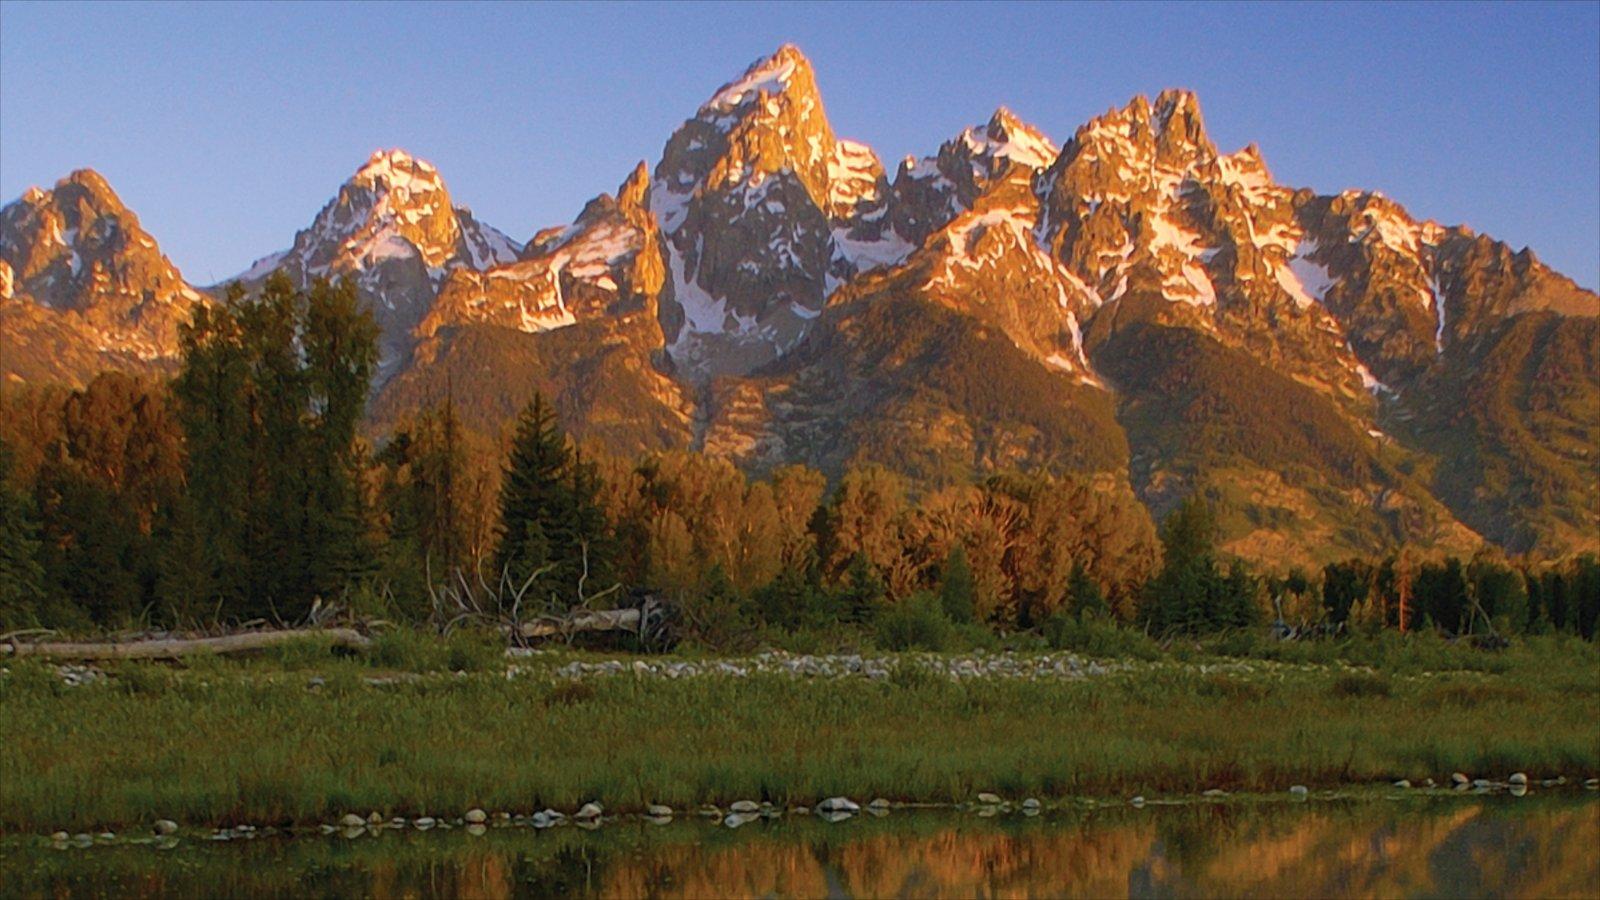 Jackson Hole caracterizando cores do outono, paisagem e montanhas